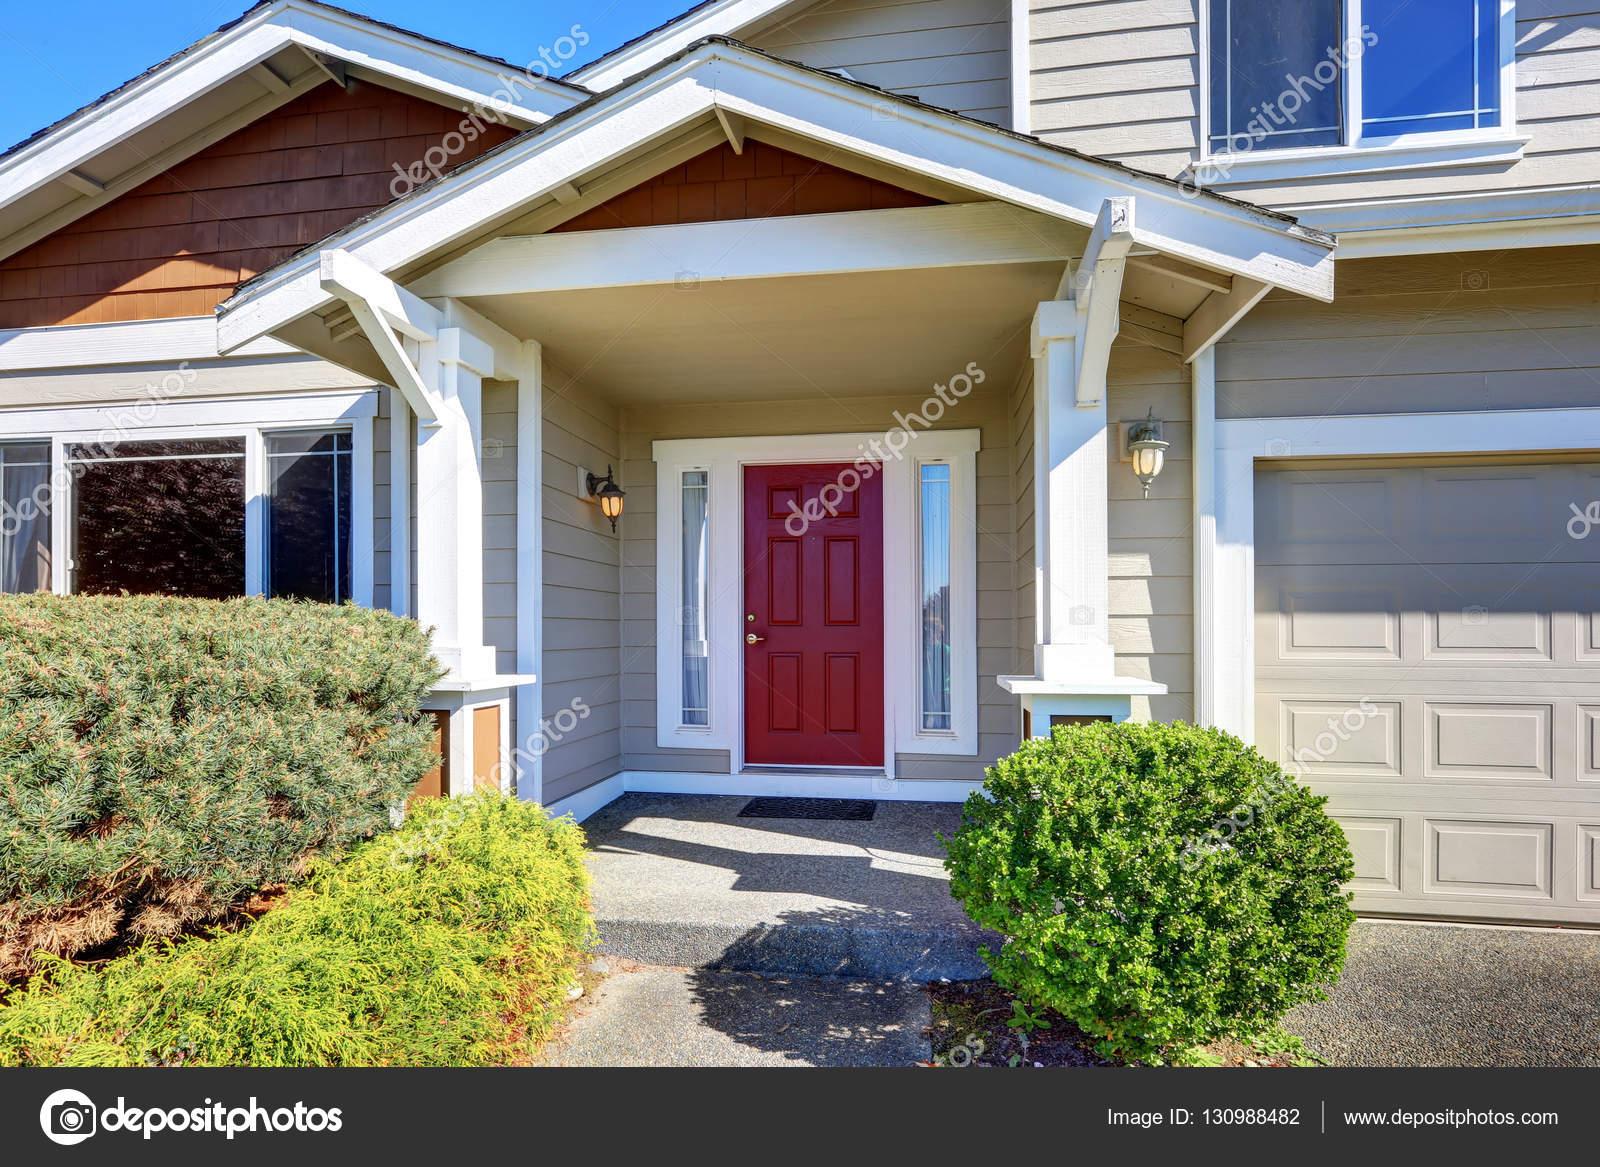 Iriana88w 130988482 for Piccola casa con avvolgente portico